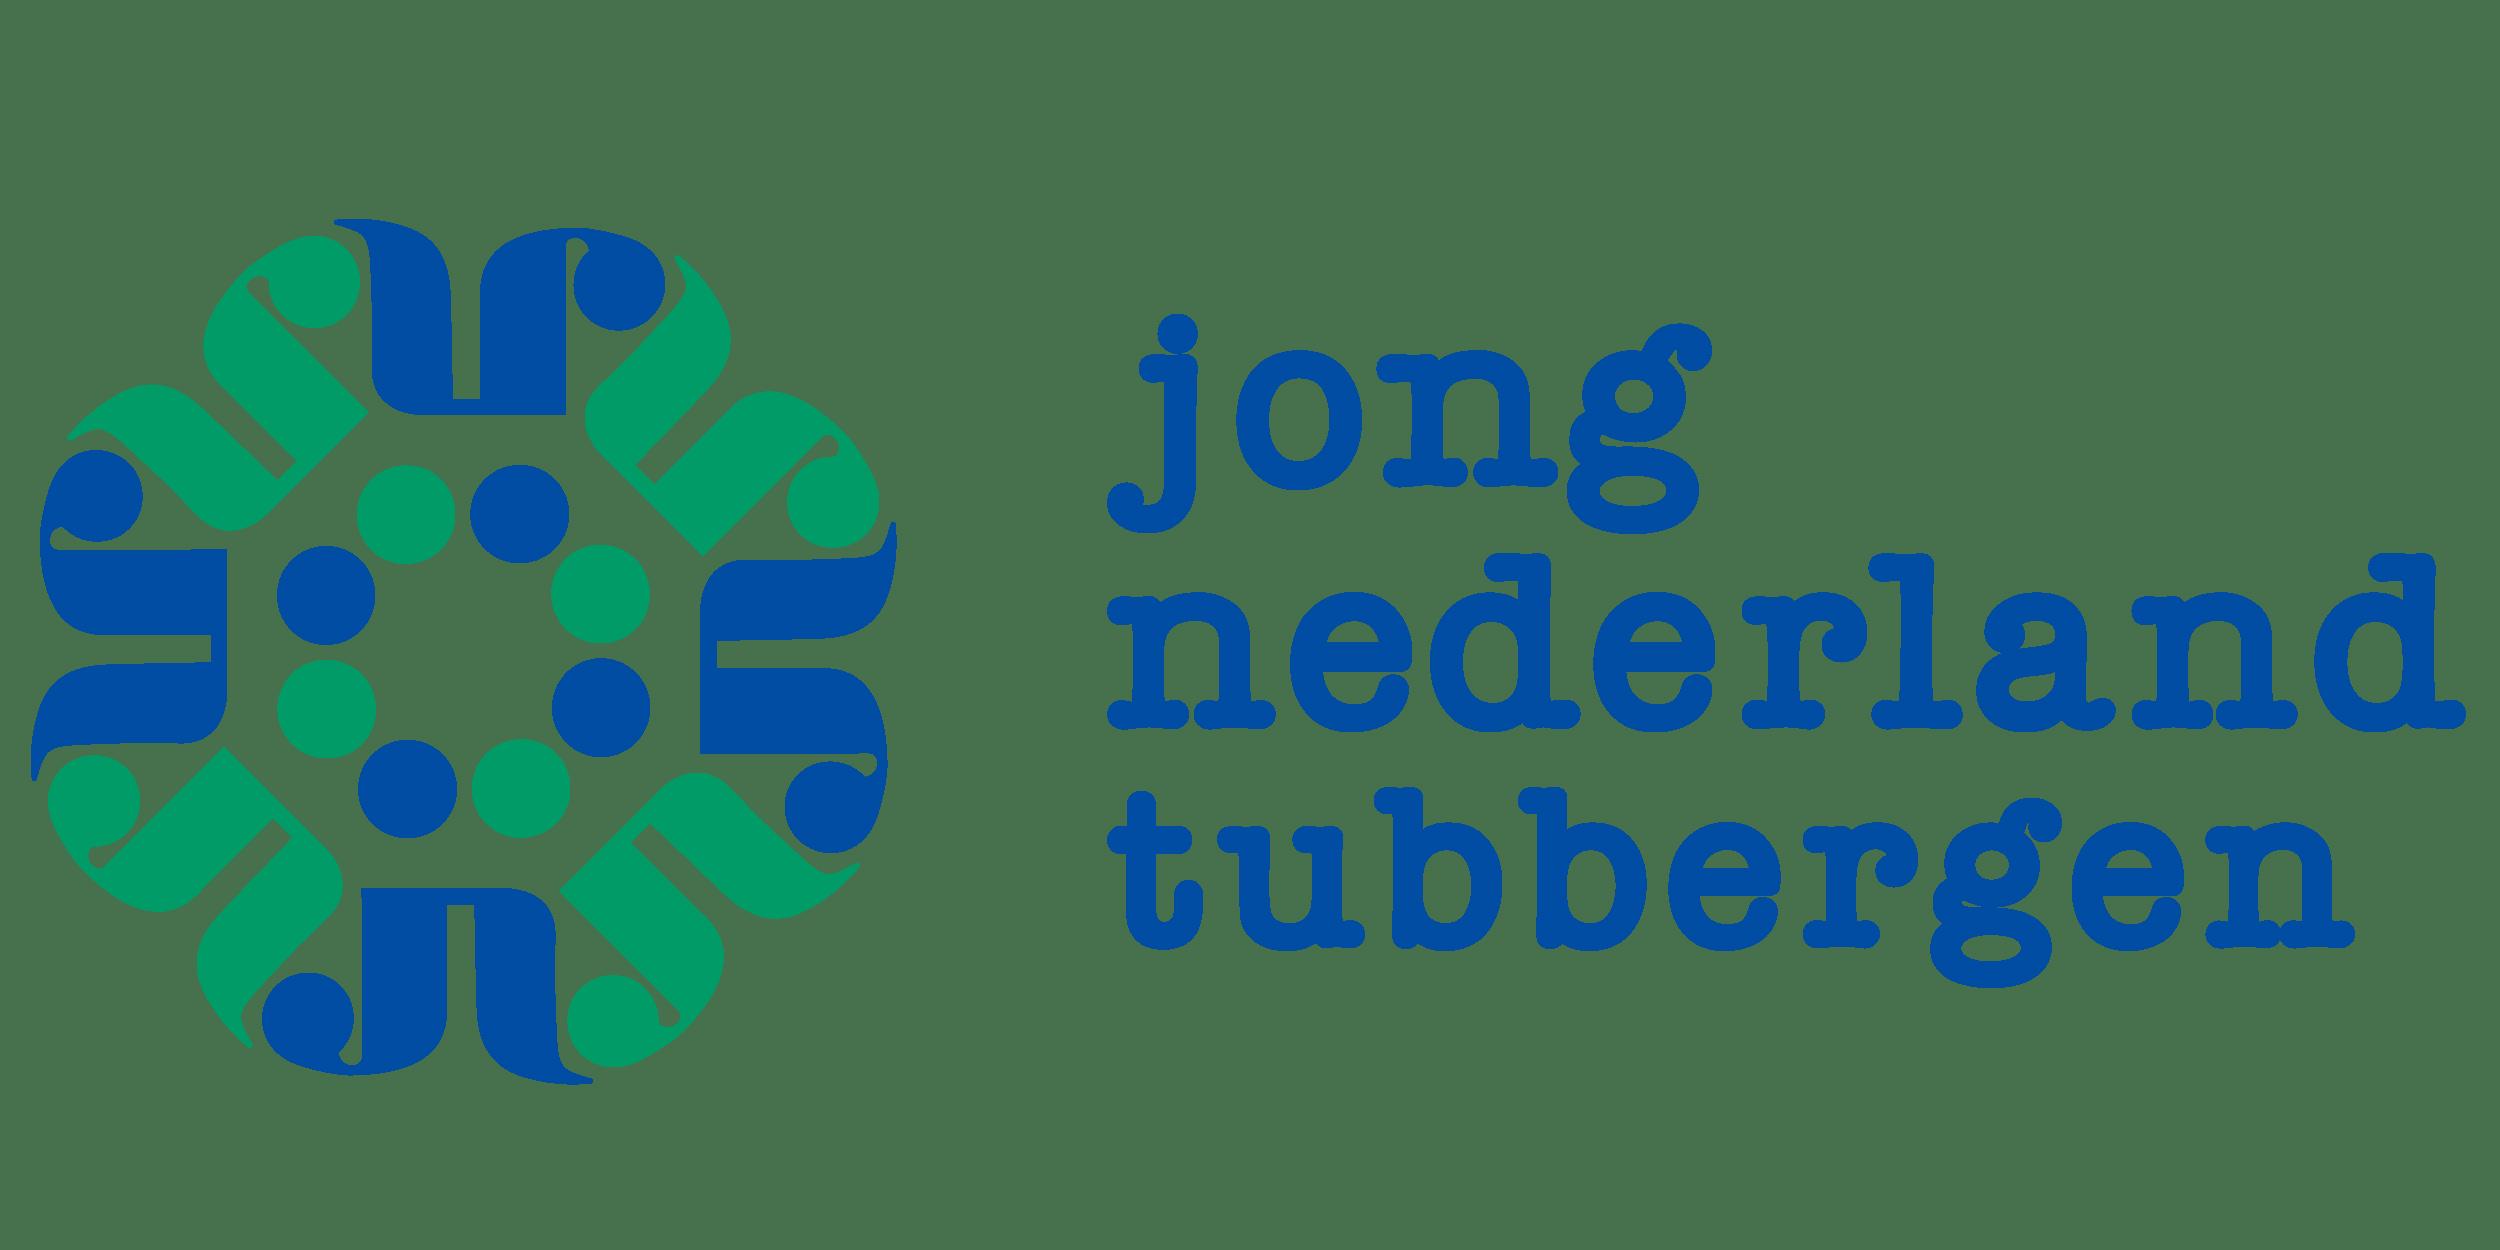 Tubbergen